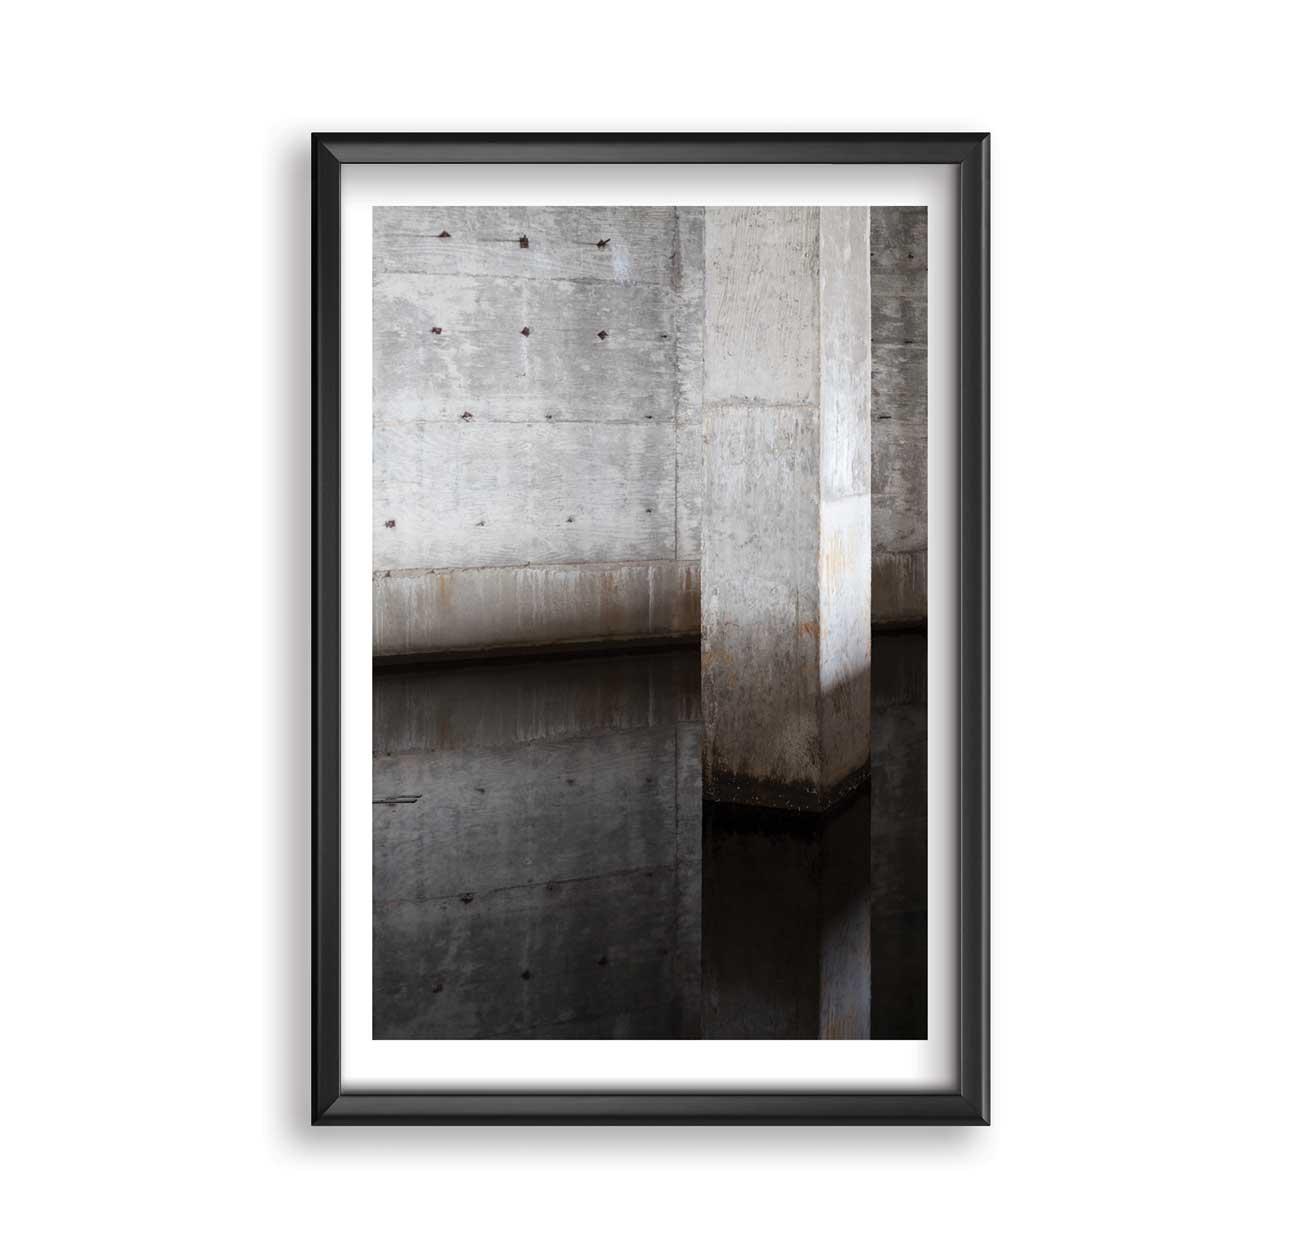 tirage limit xiamen 10 aur lie foussard photographie d 39 art contemporain pandorart. Black Bedroom Furniture Sets. Home Design Ideas